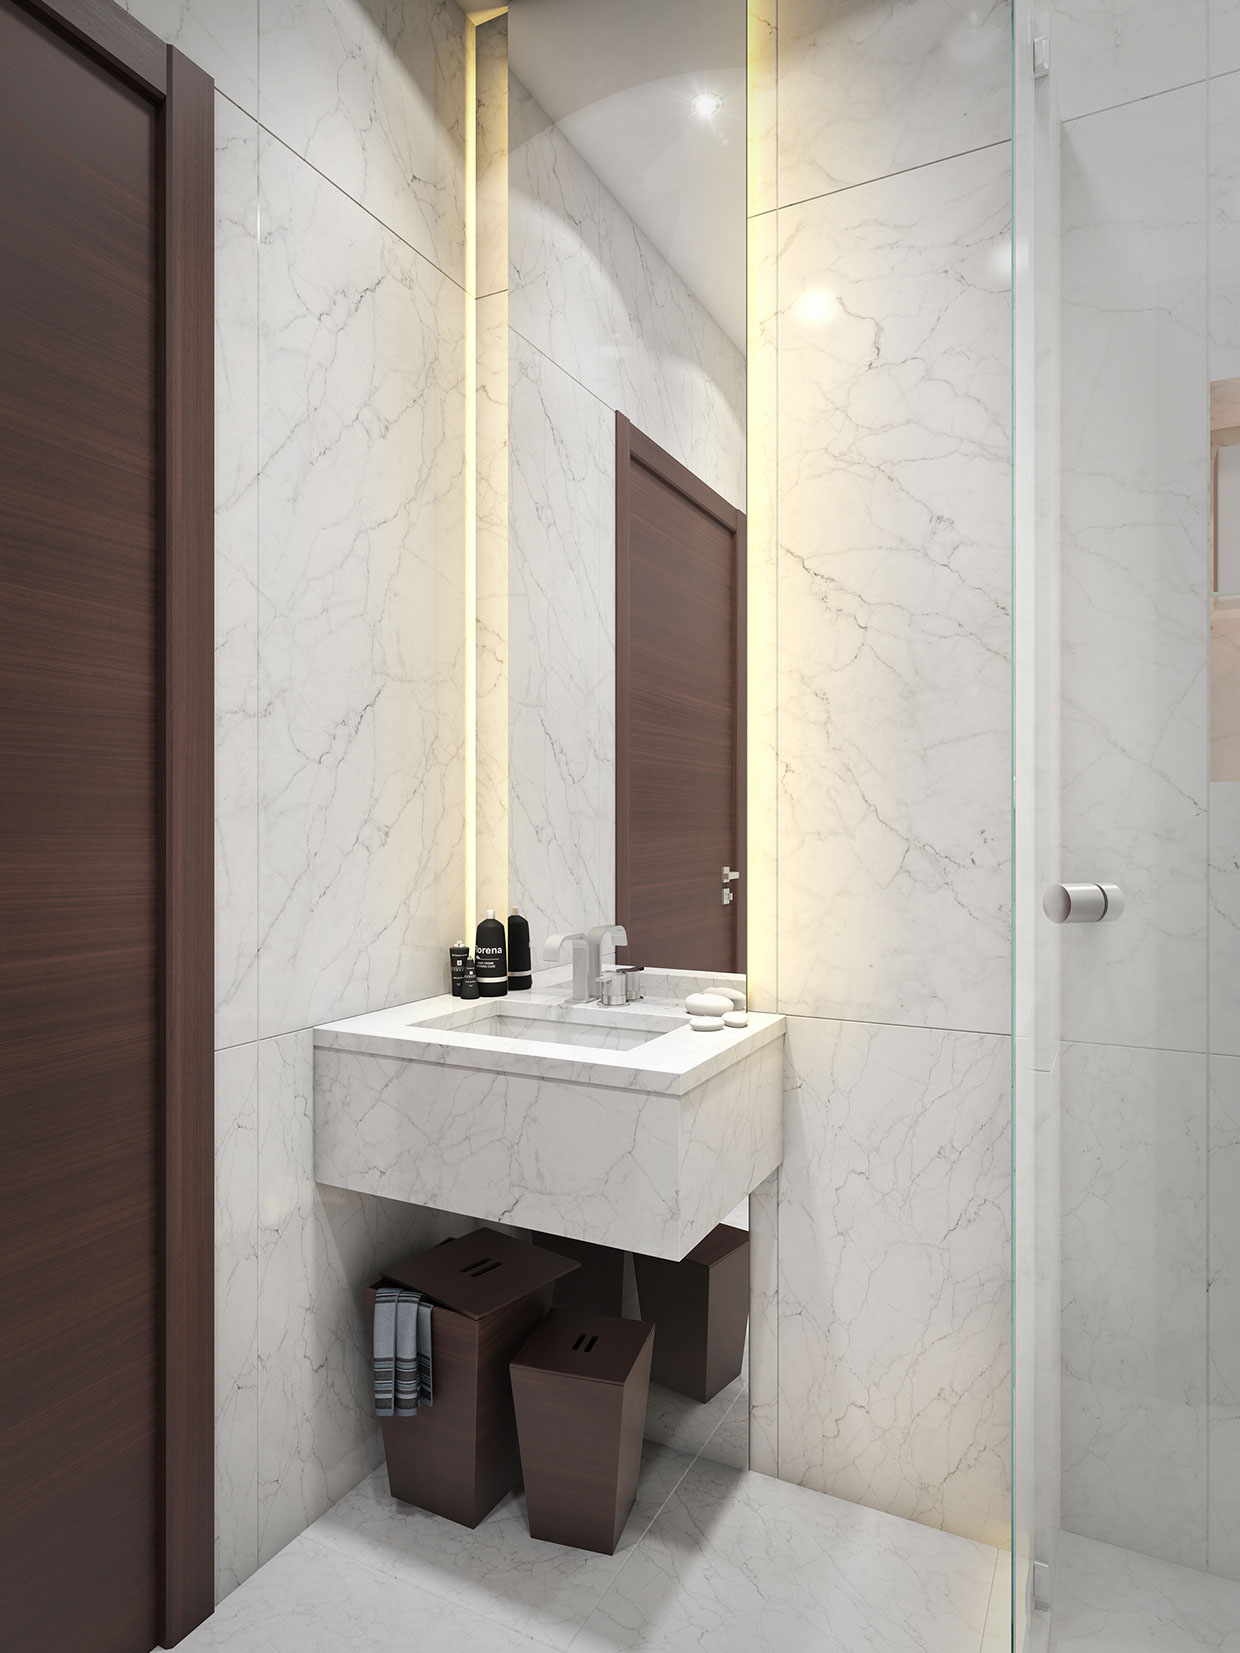 Мраморная отделка в ванной